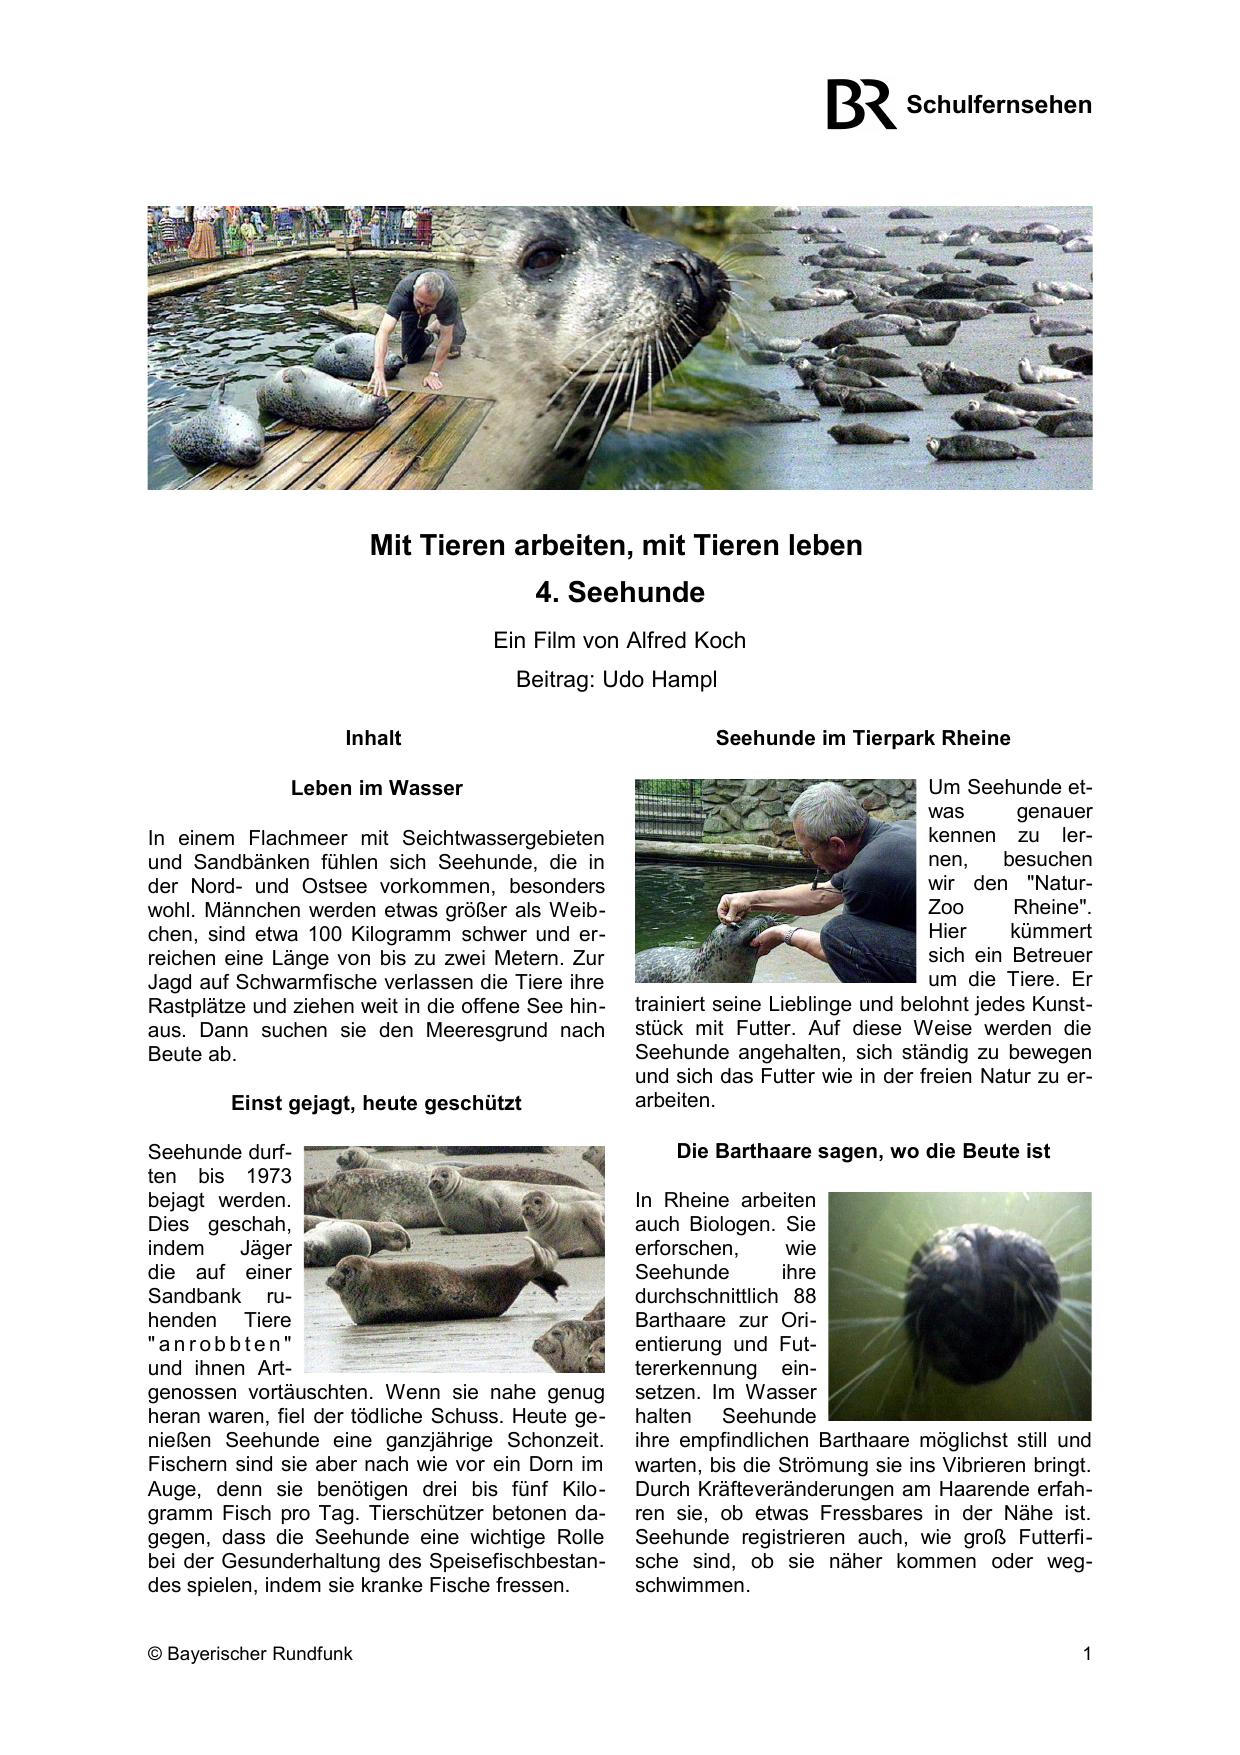 Mit Tieren arbeiten, mit Tieren leben 4. Seehunde